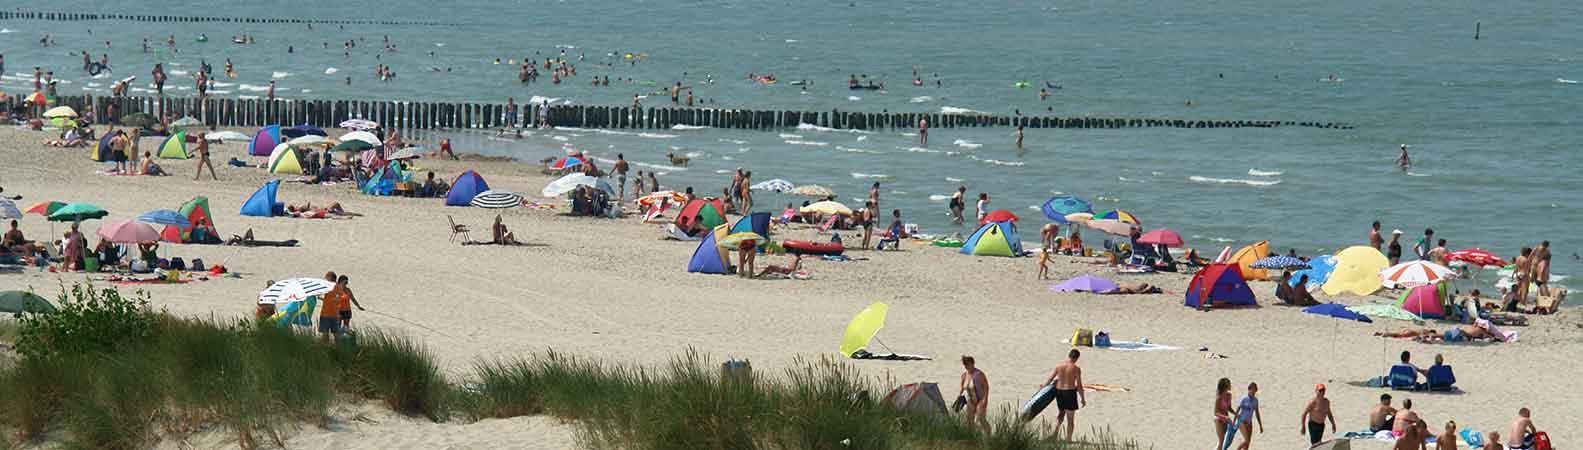 La plage Pays-Bas